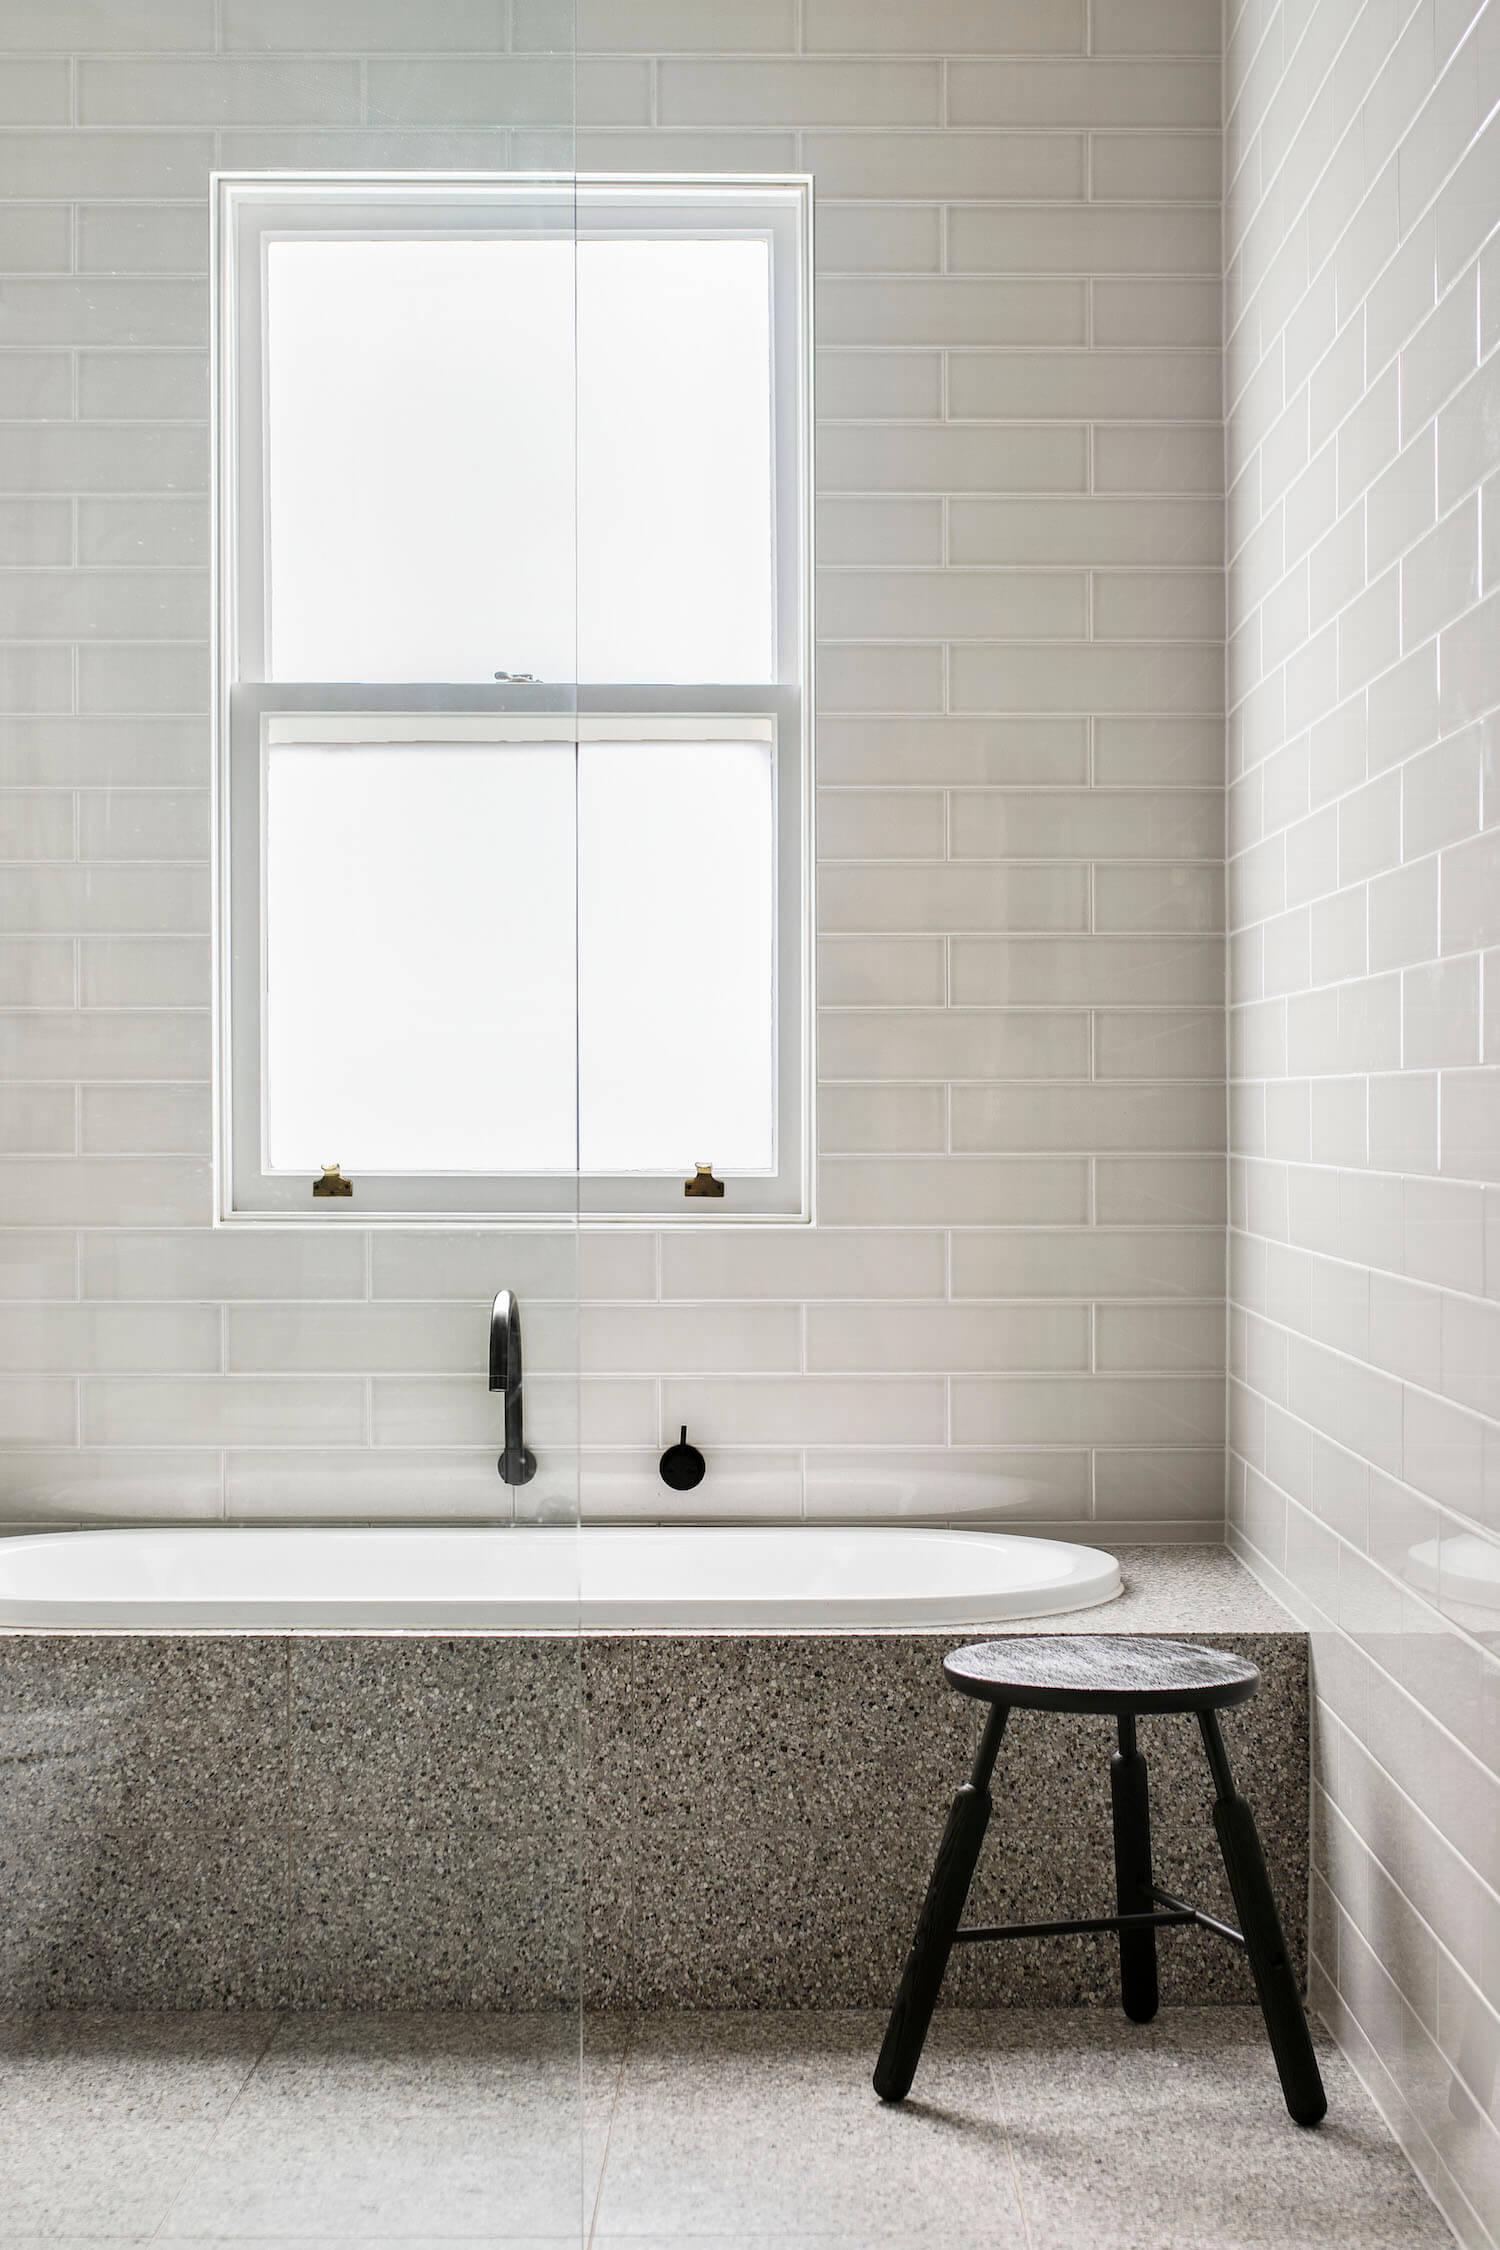 est living australian interiors cjh design rosebery home 2